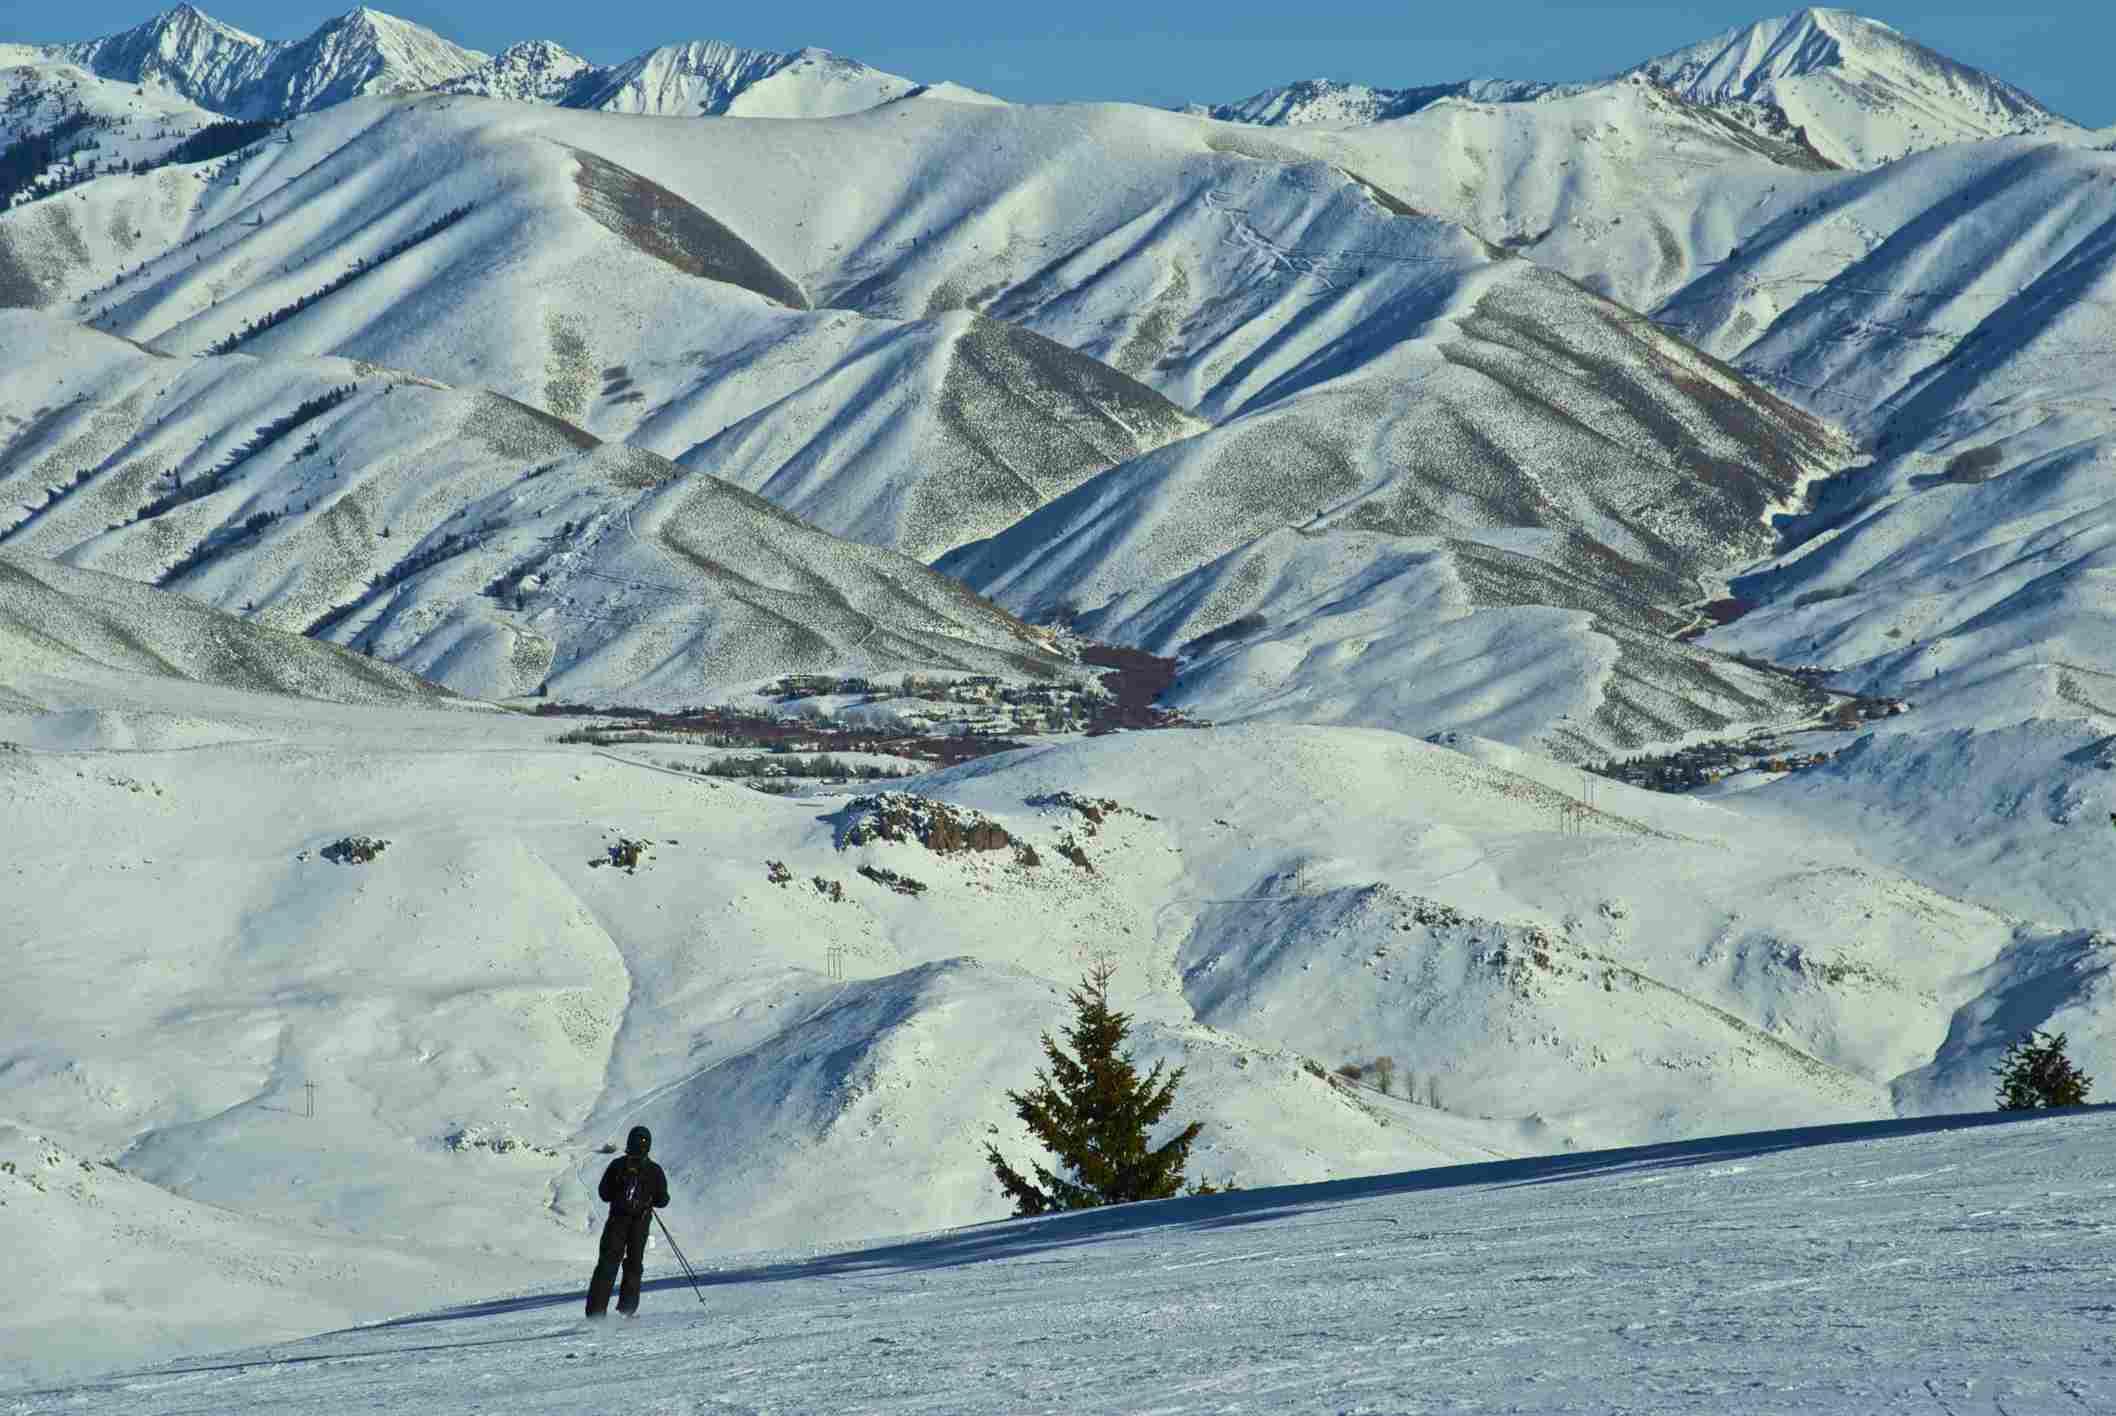 A skier skis in the Sawtooth Mountain range